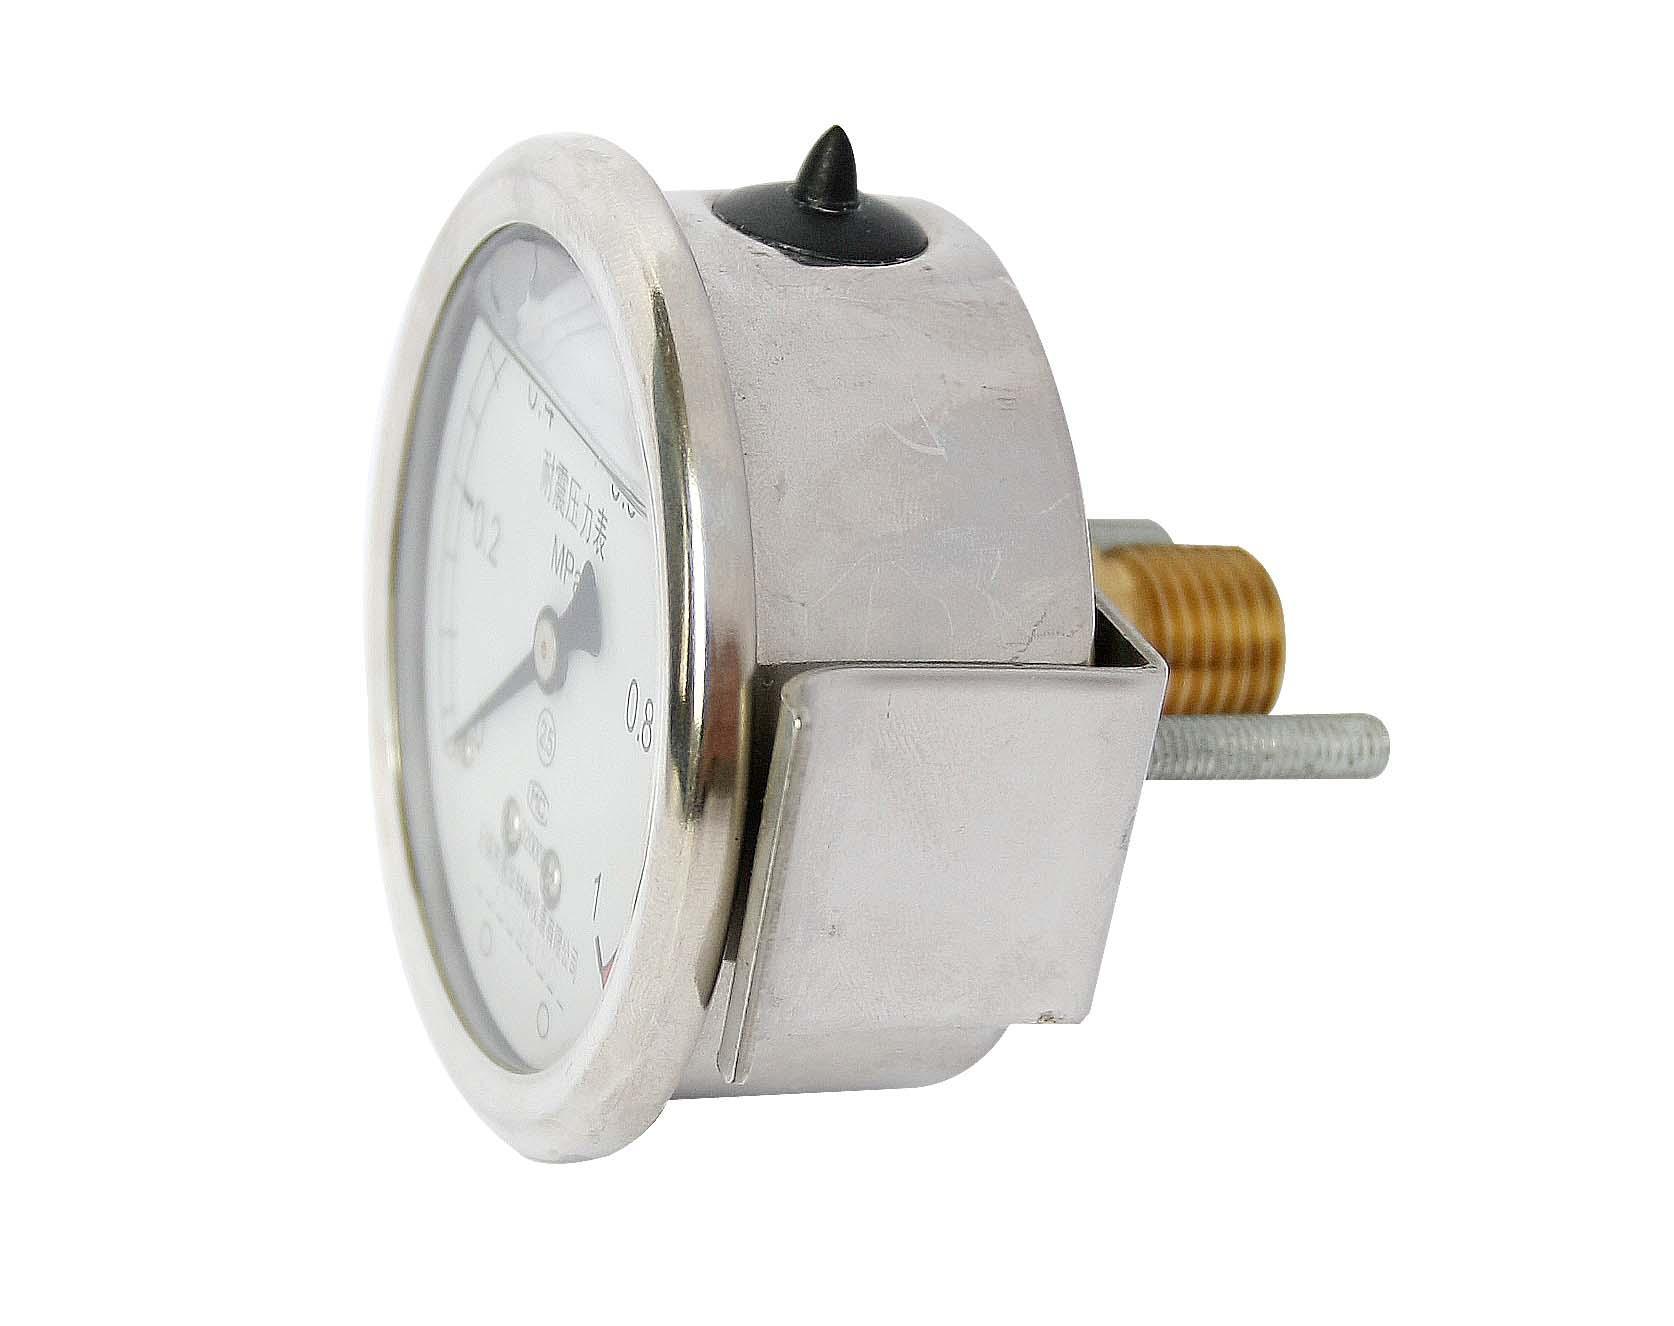 耐震壓力表 抗震壓力表 防震壓力表 充油壓力表 9